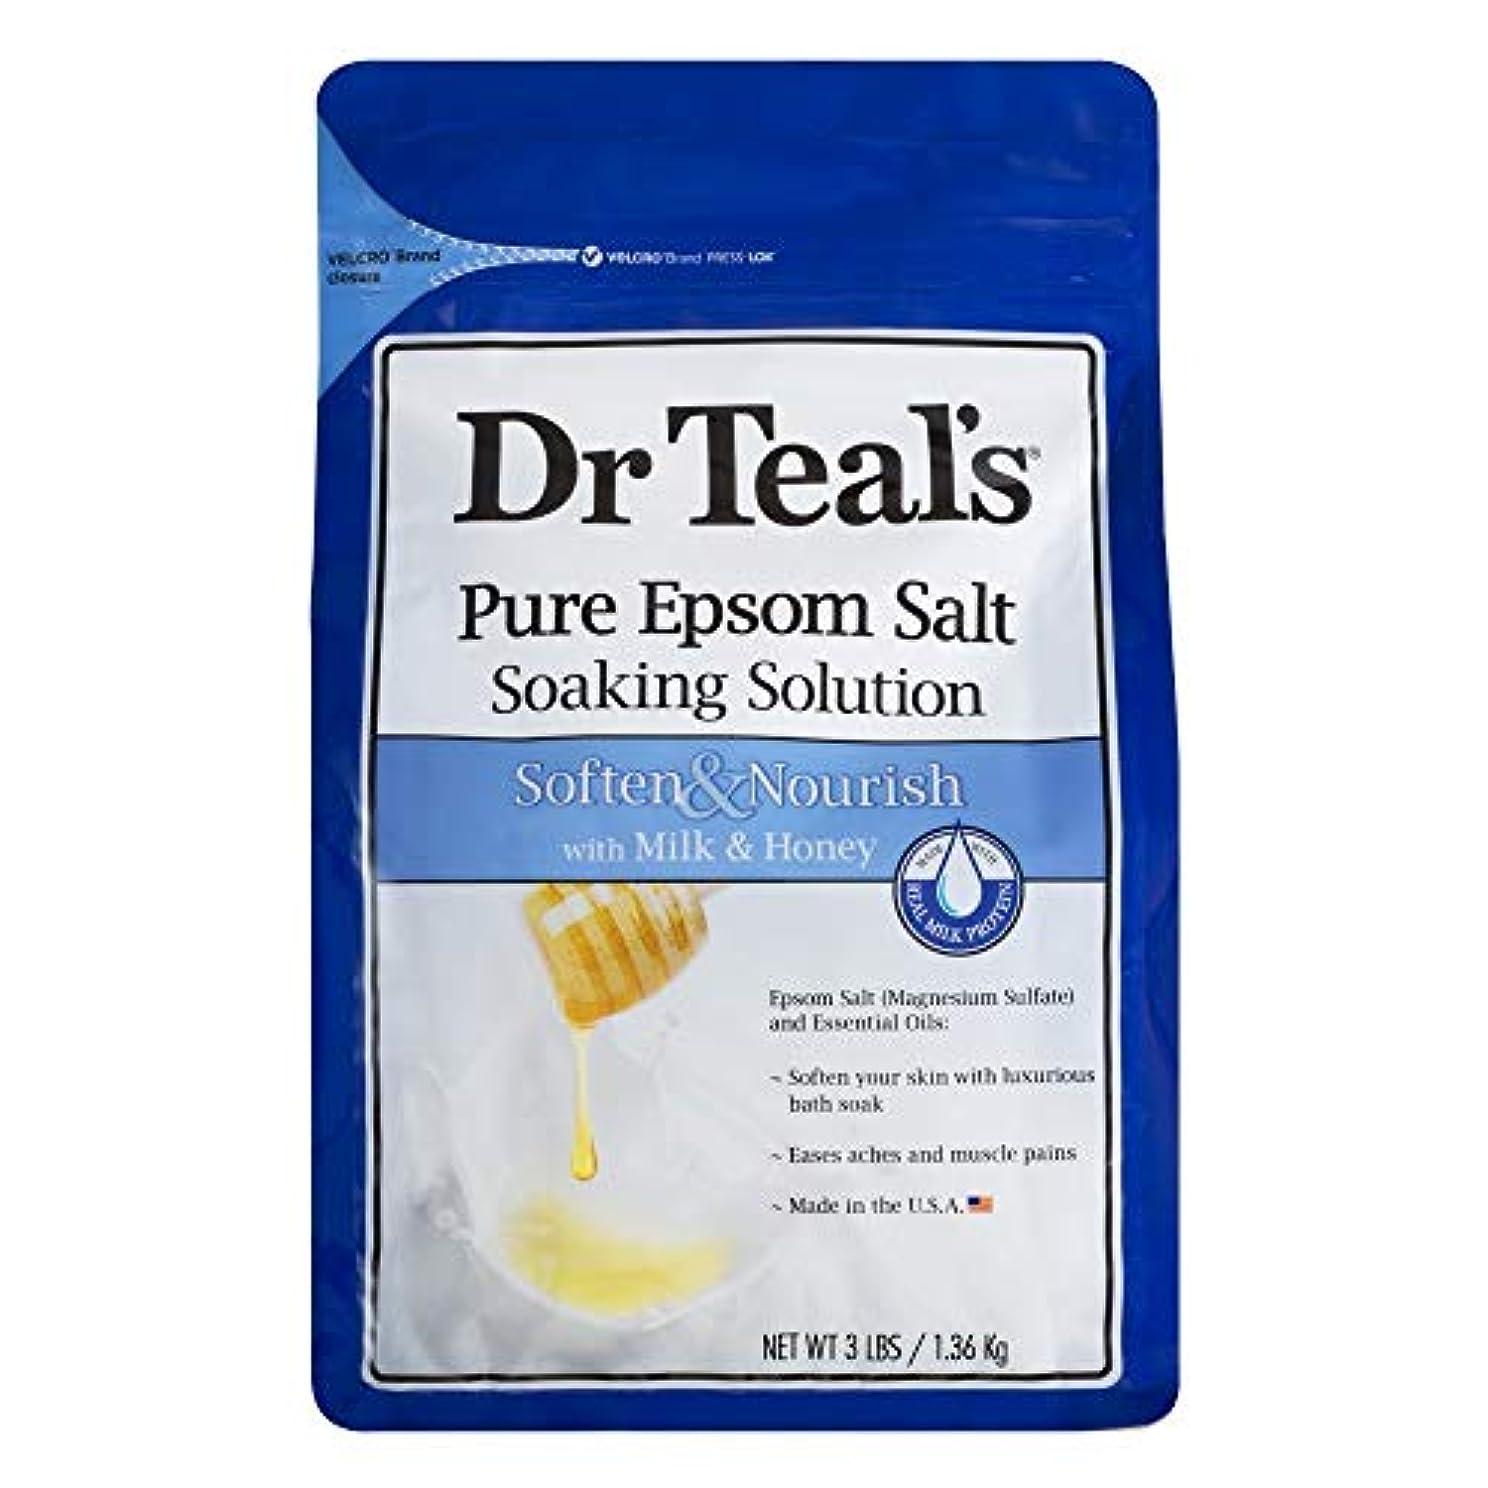 鉱夫こどもの日不名誉Dr Teal's Epsom Salt Soaking Solution, Soften & Nourish, Milk and Honey, 3lbs